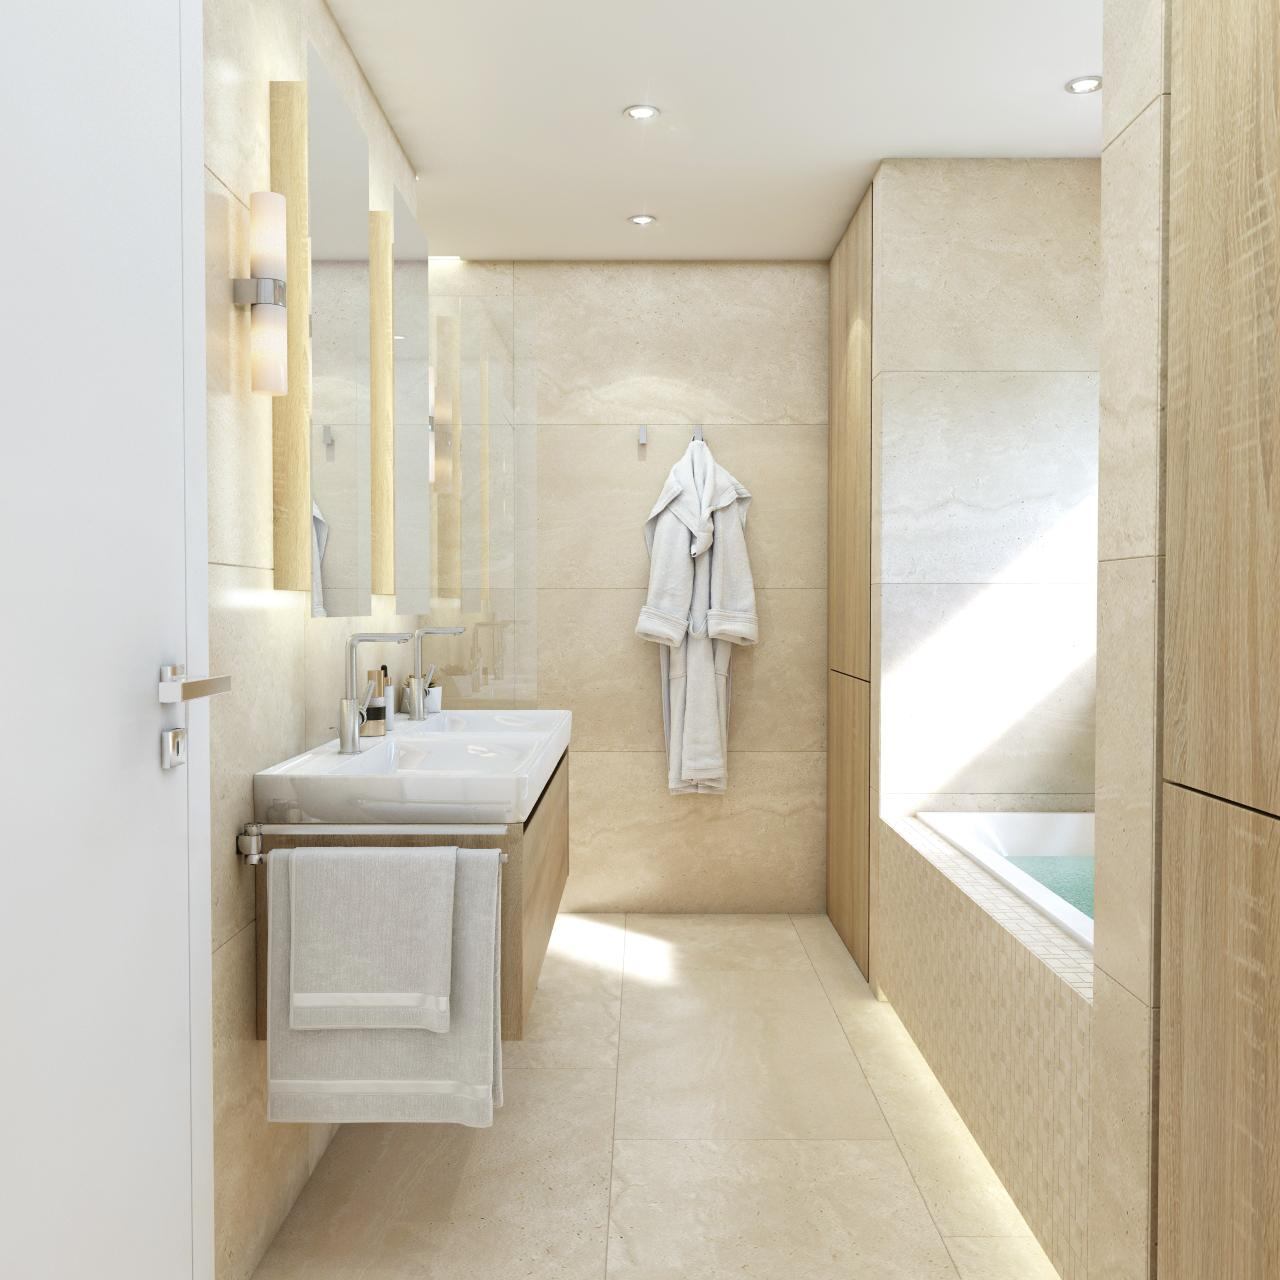 Návrhy kúpeľní 2021 - Obrázok č. 23